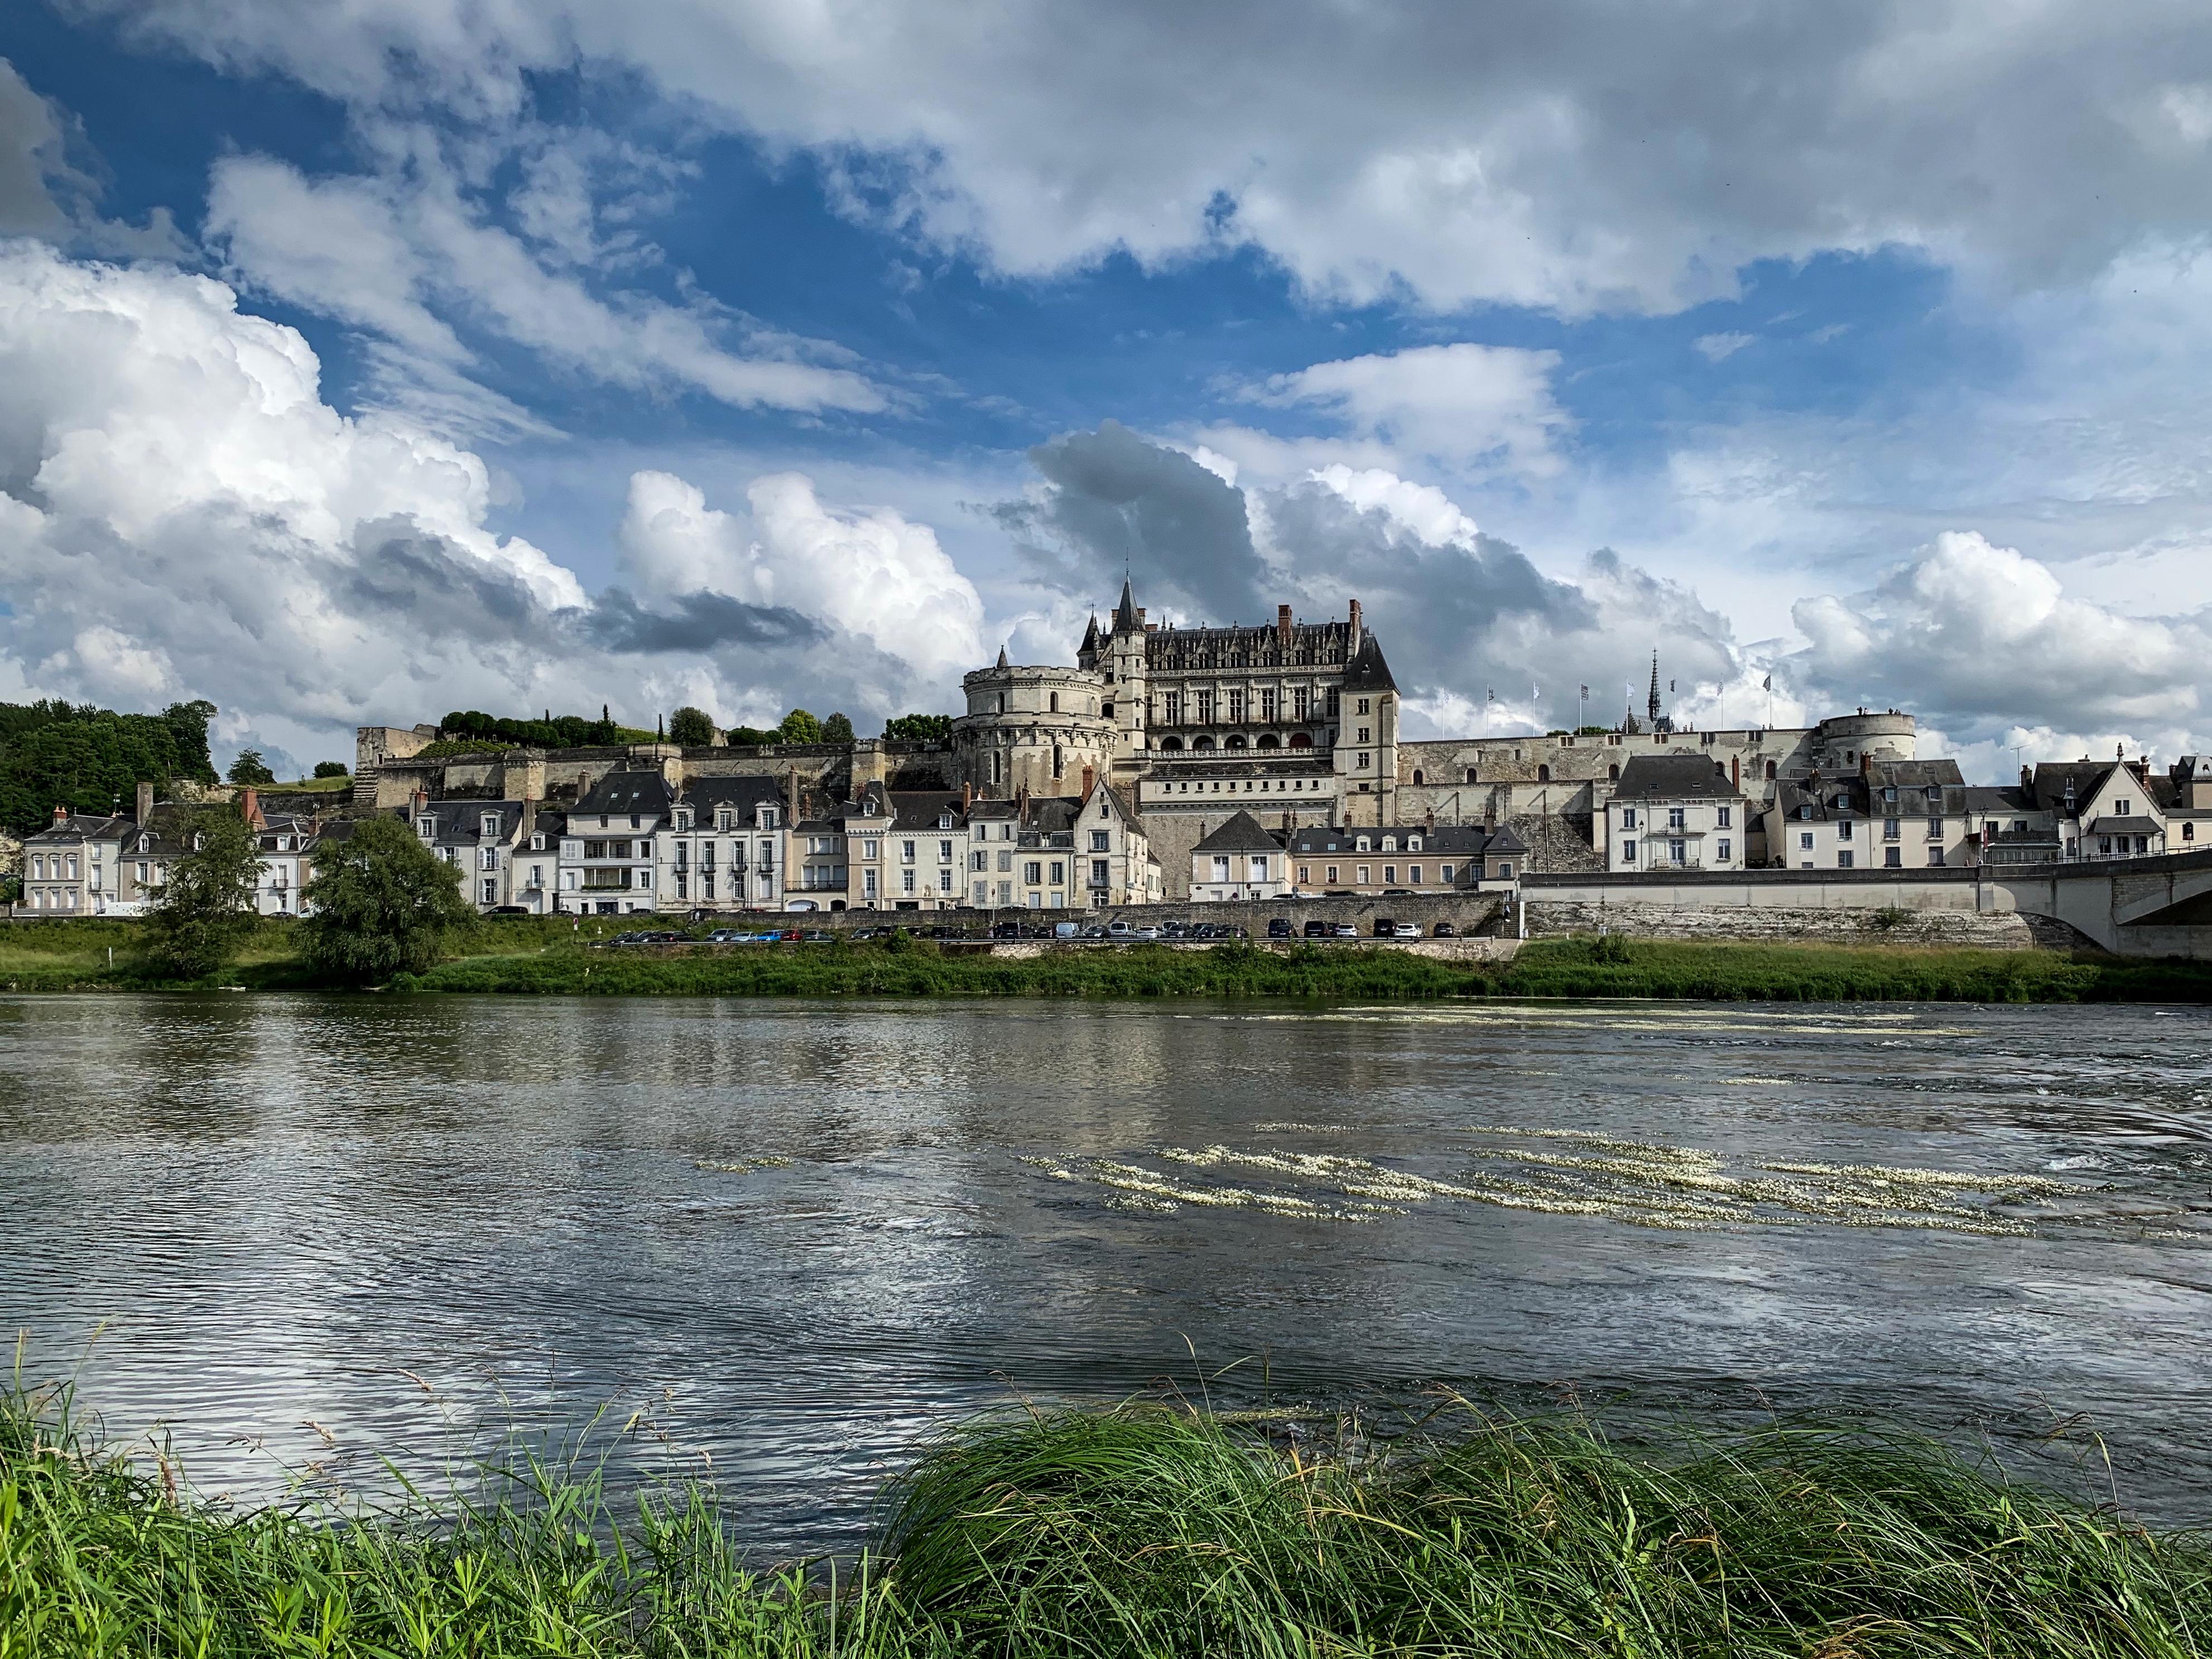 Amboise dramatisches Abschiedsbild vom rechten Ufer der Loire